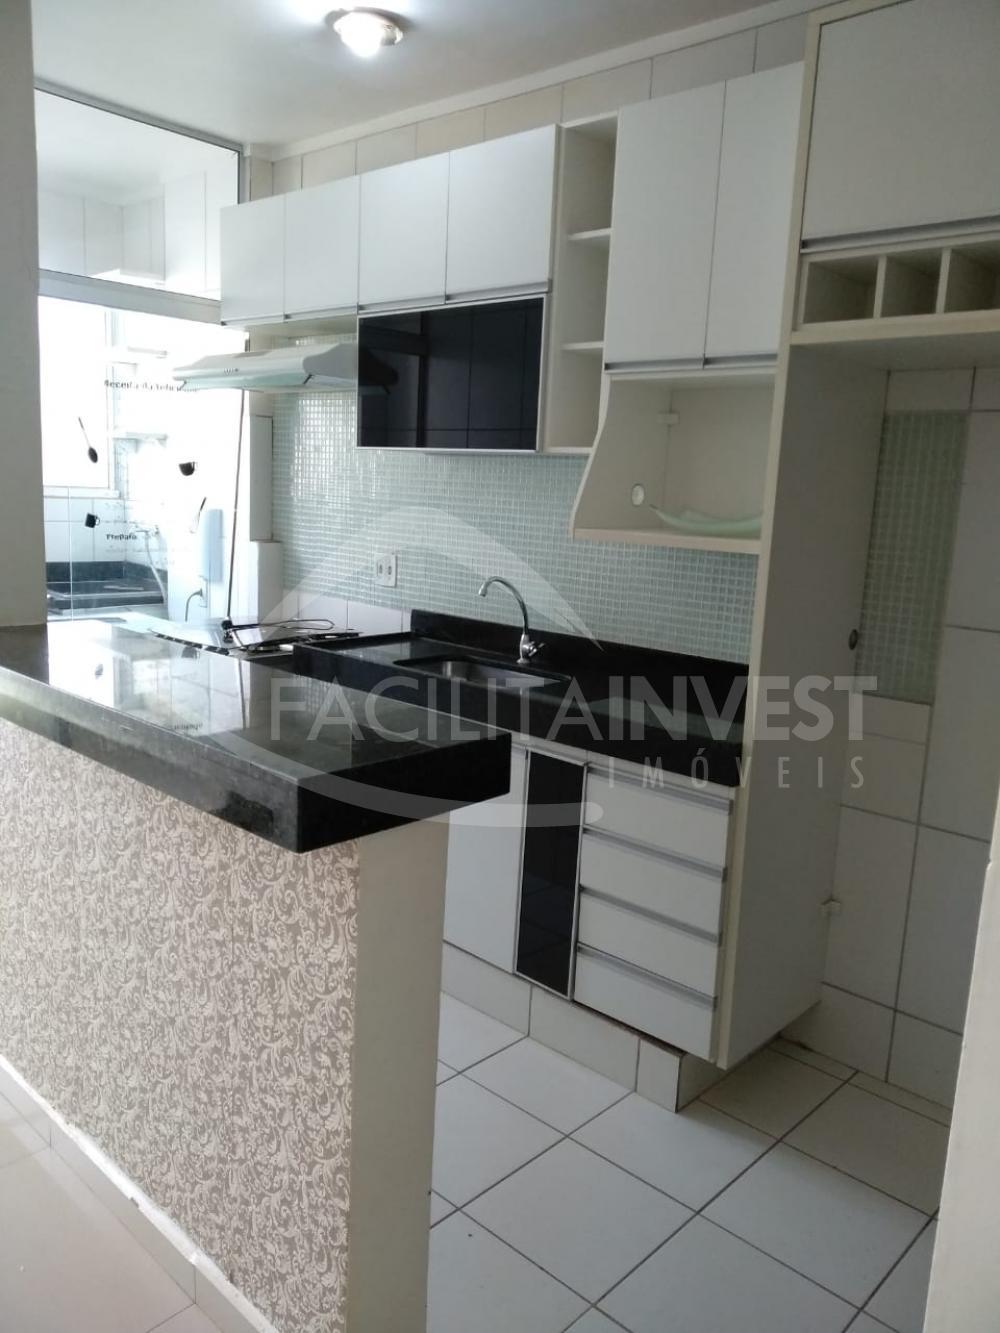 Alugar Apartamentos / Apart. Padrão em Ribeirão Preto apenas R$ 2.000,00 - Foto 3